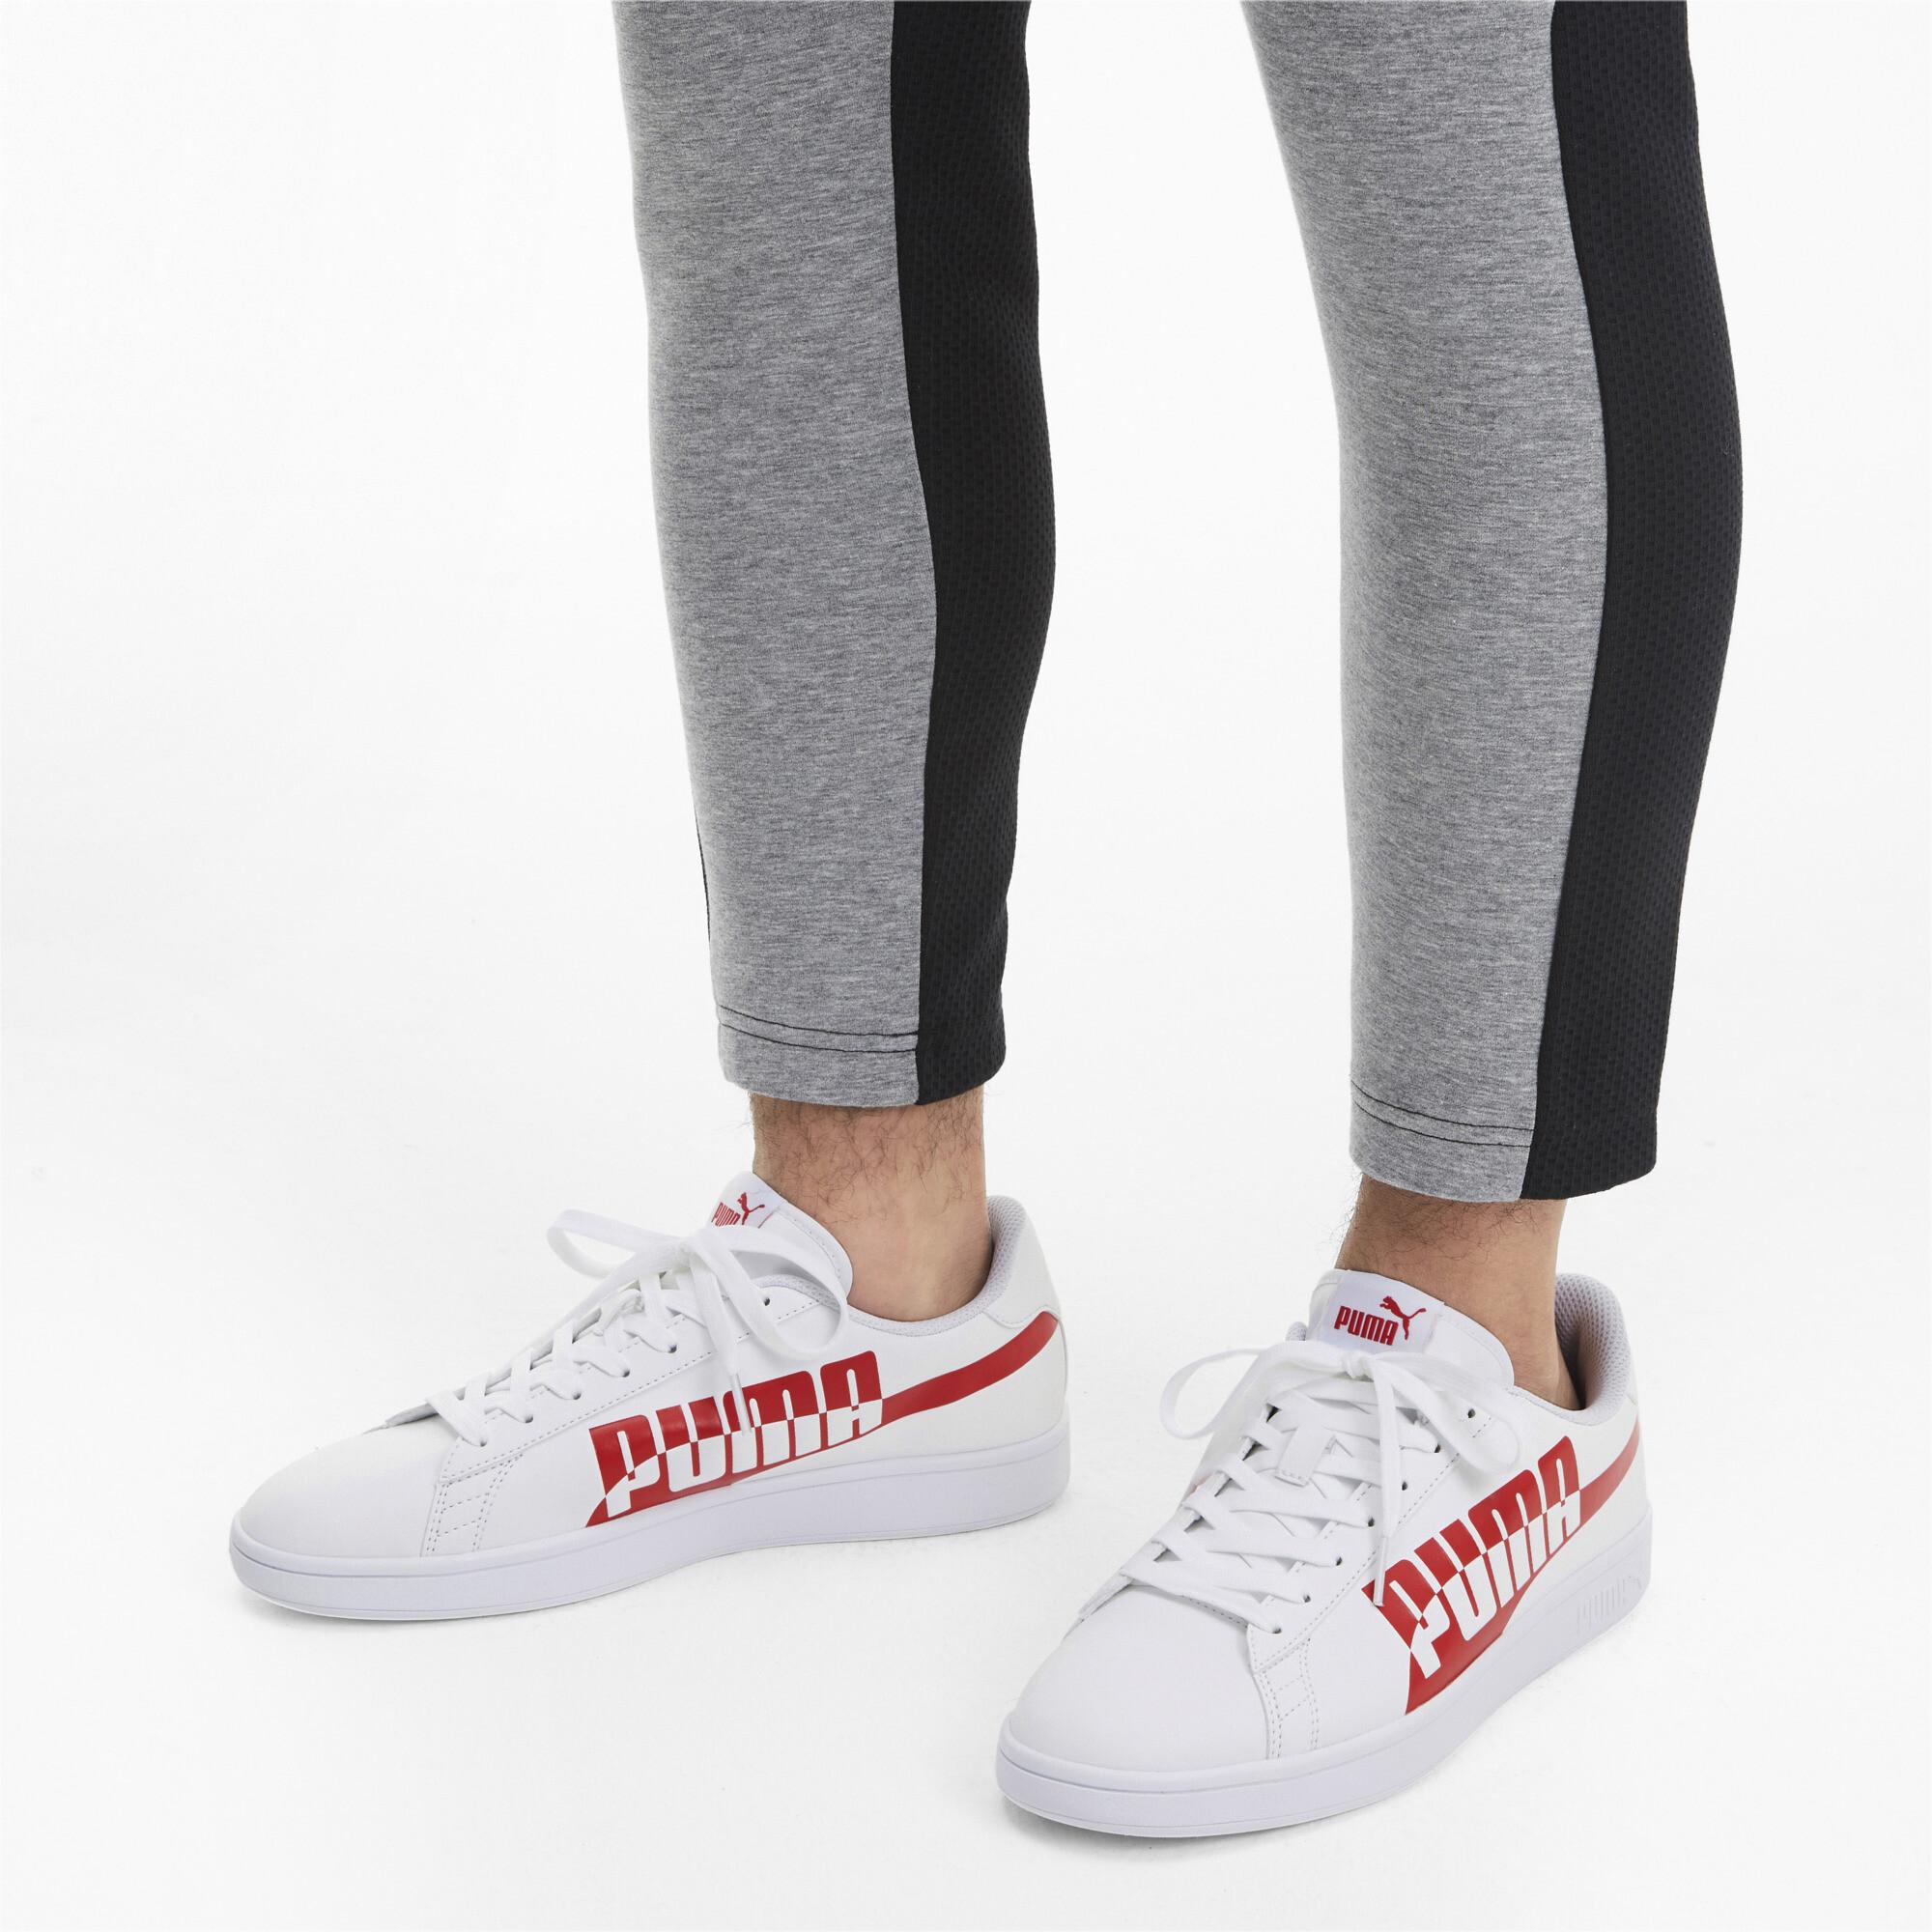 PUMA-PUMA-Smash-v2-Max-Sneakers-Men-Shoe-Basics thumbnail 20